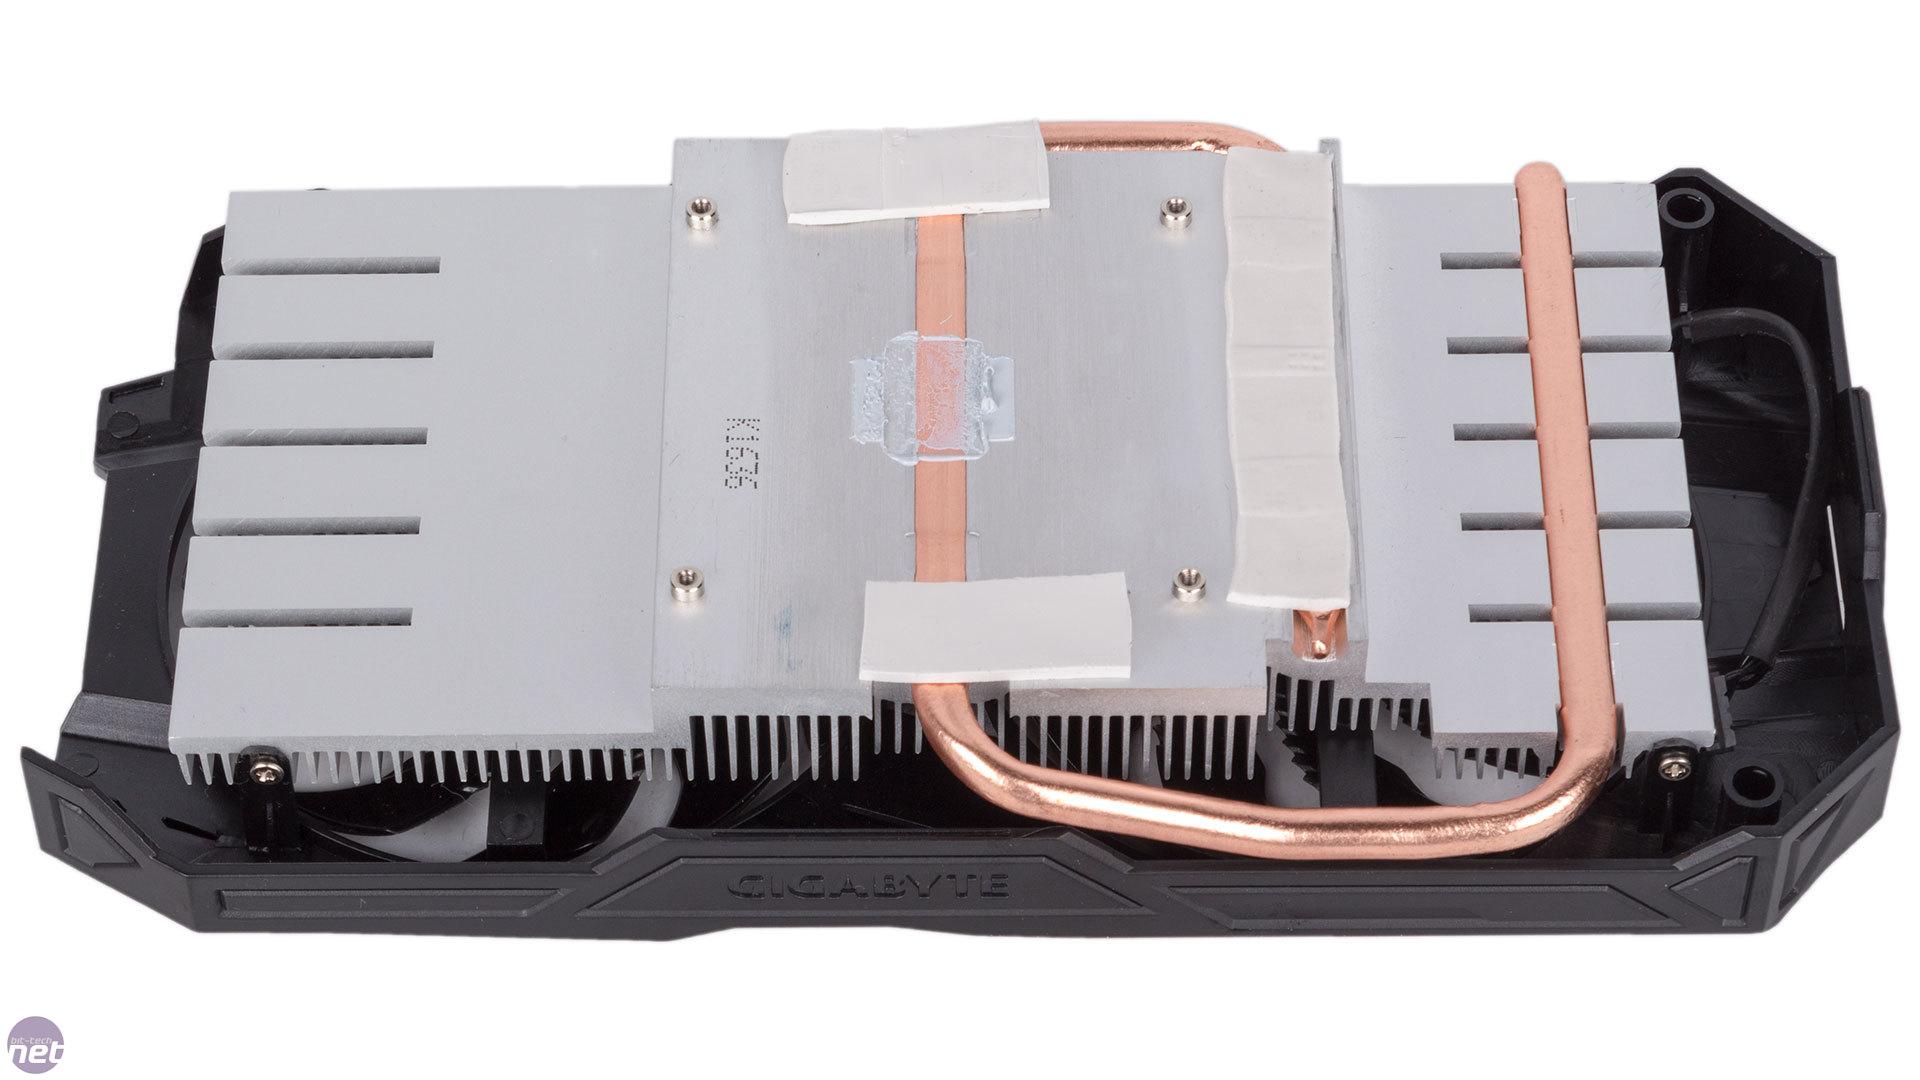 Gigabyte GeForce GTX 1060 WindForce OC 3GB Review | bit-tech net